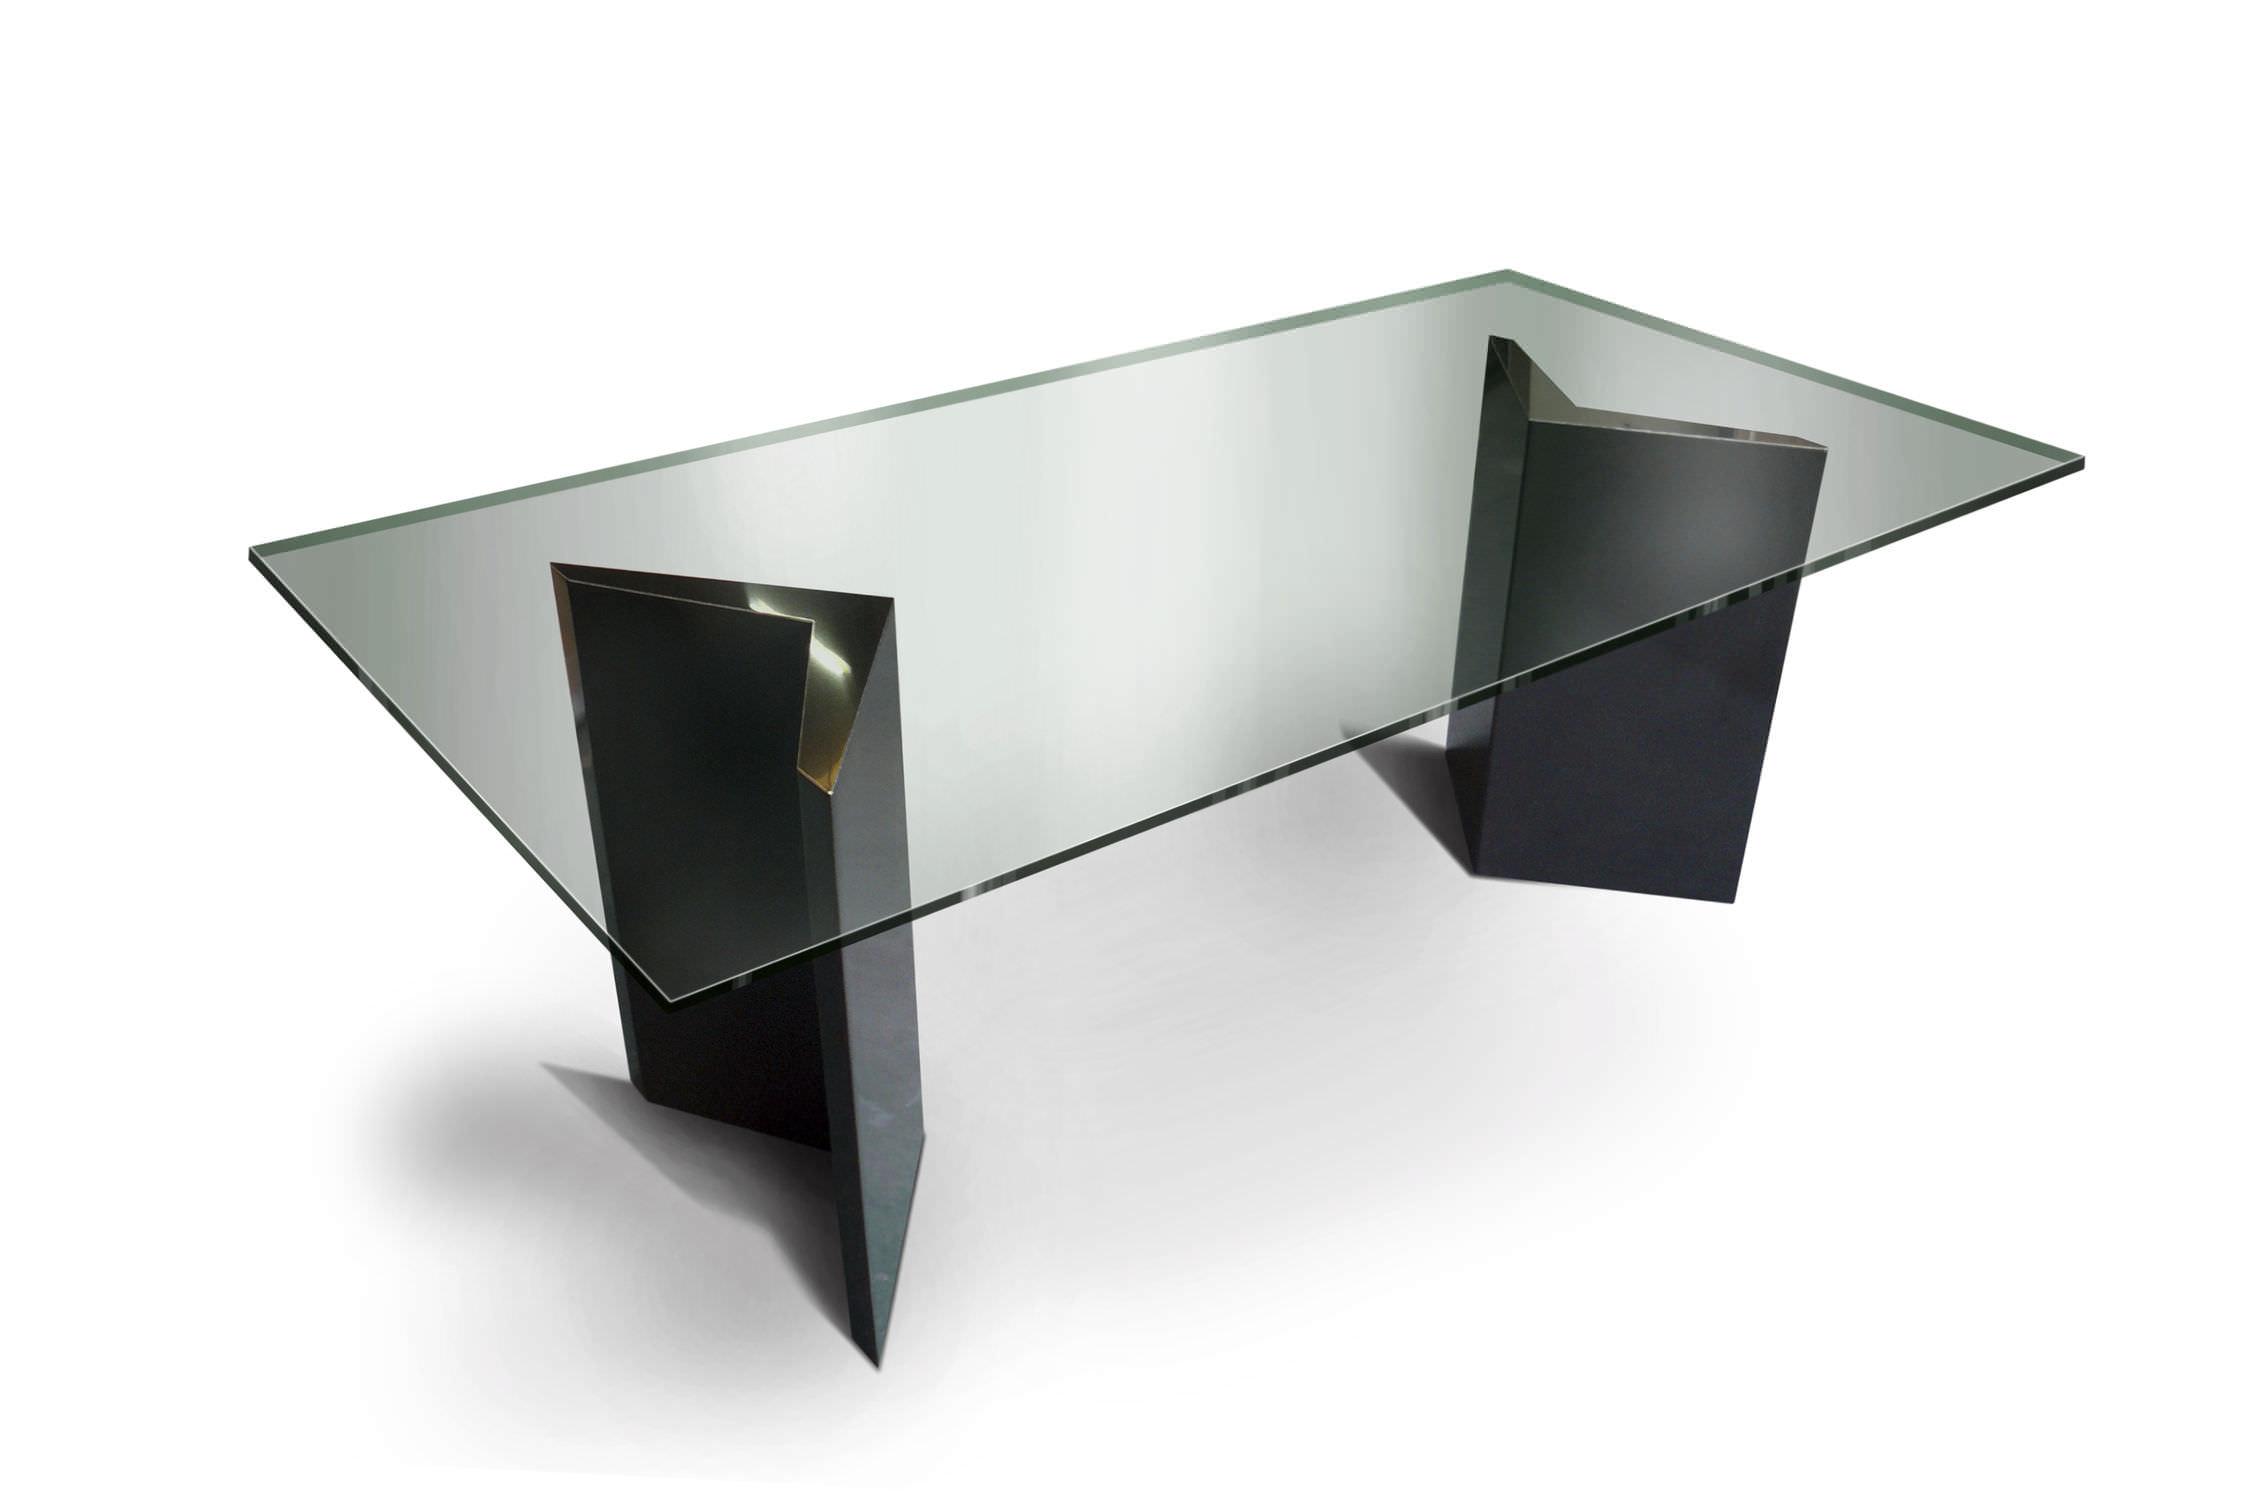 Scrivania Ufficio Vetro E Acciaio : Tavolo moderno in vetro in acciaio inossidabile rettangolare